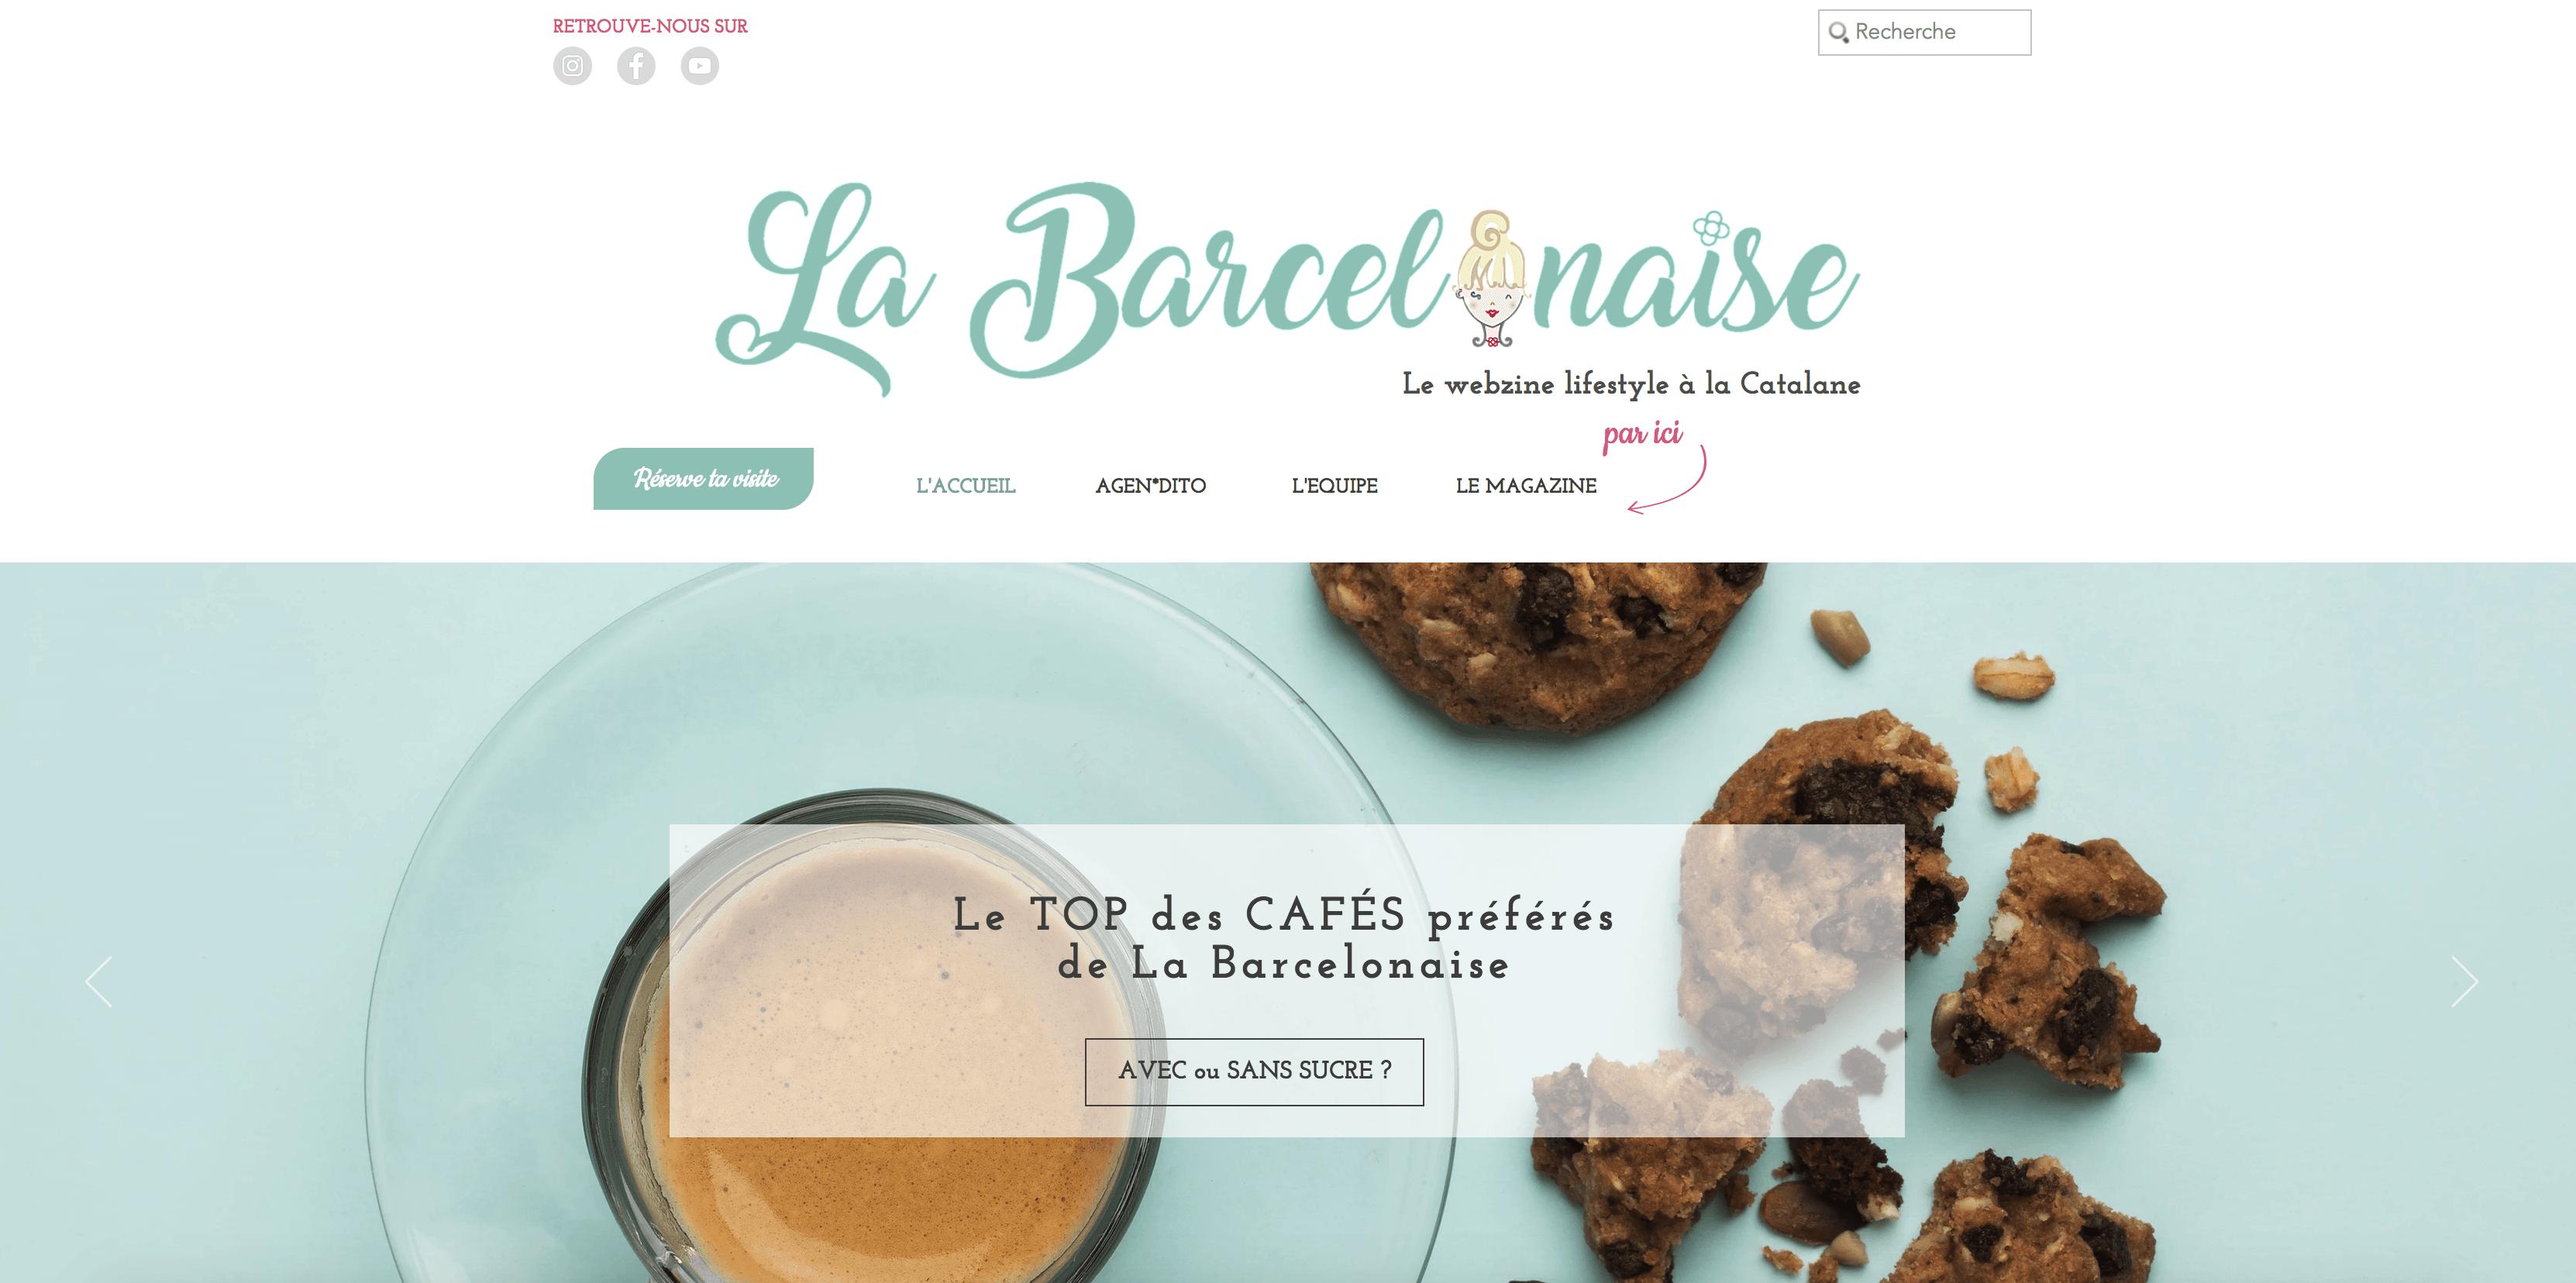 webzine la barcelonaise